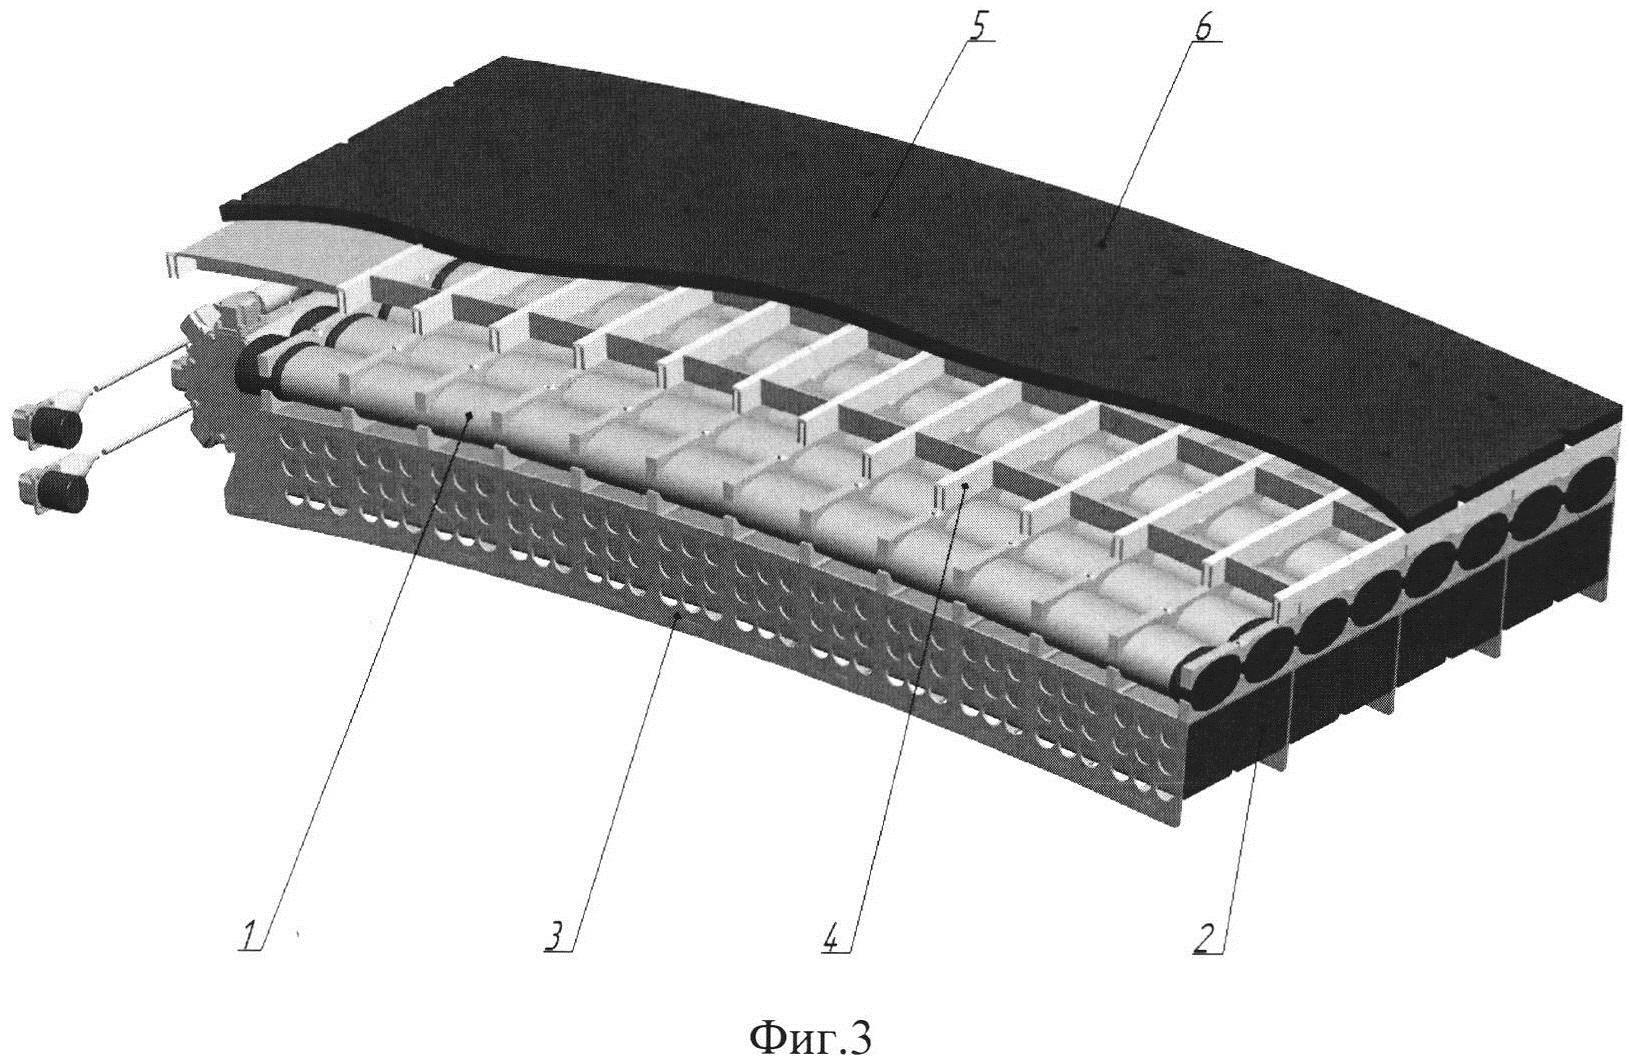 Приемный гидроакустический блок